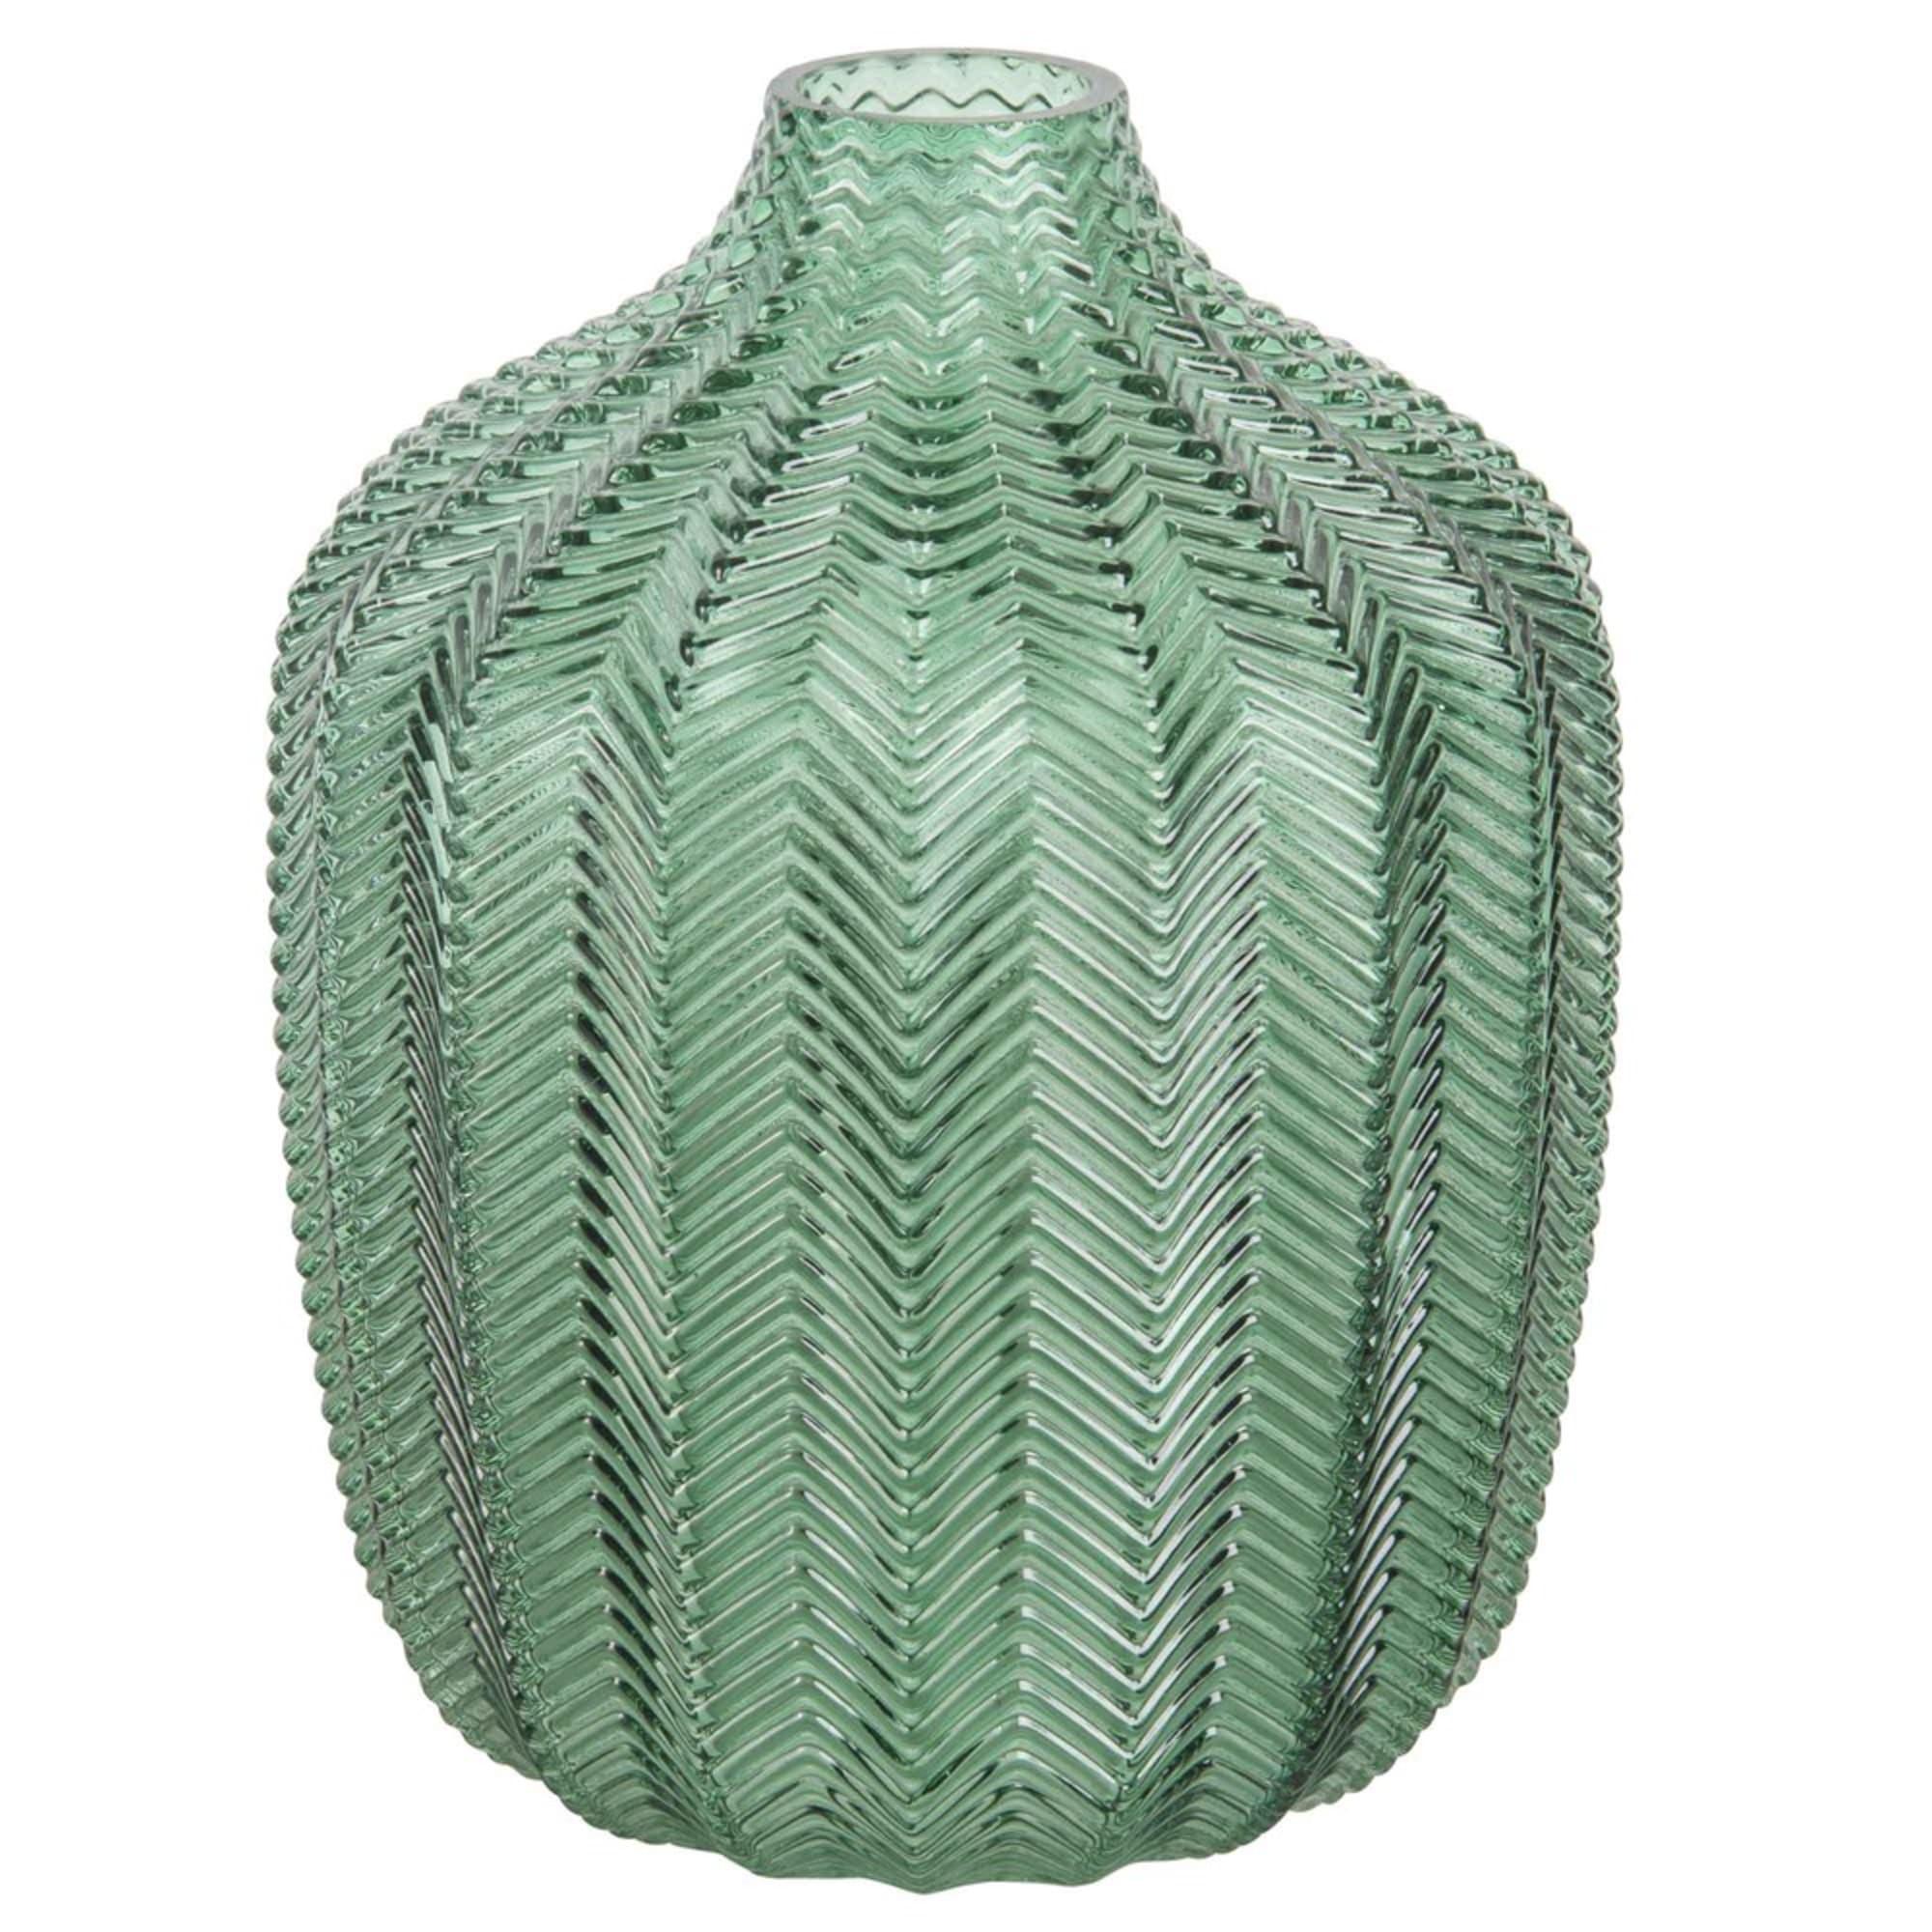 Jarrón de cristal tintado verde